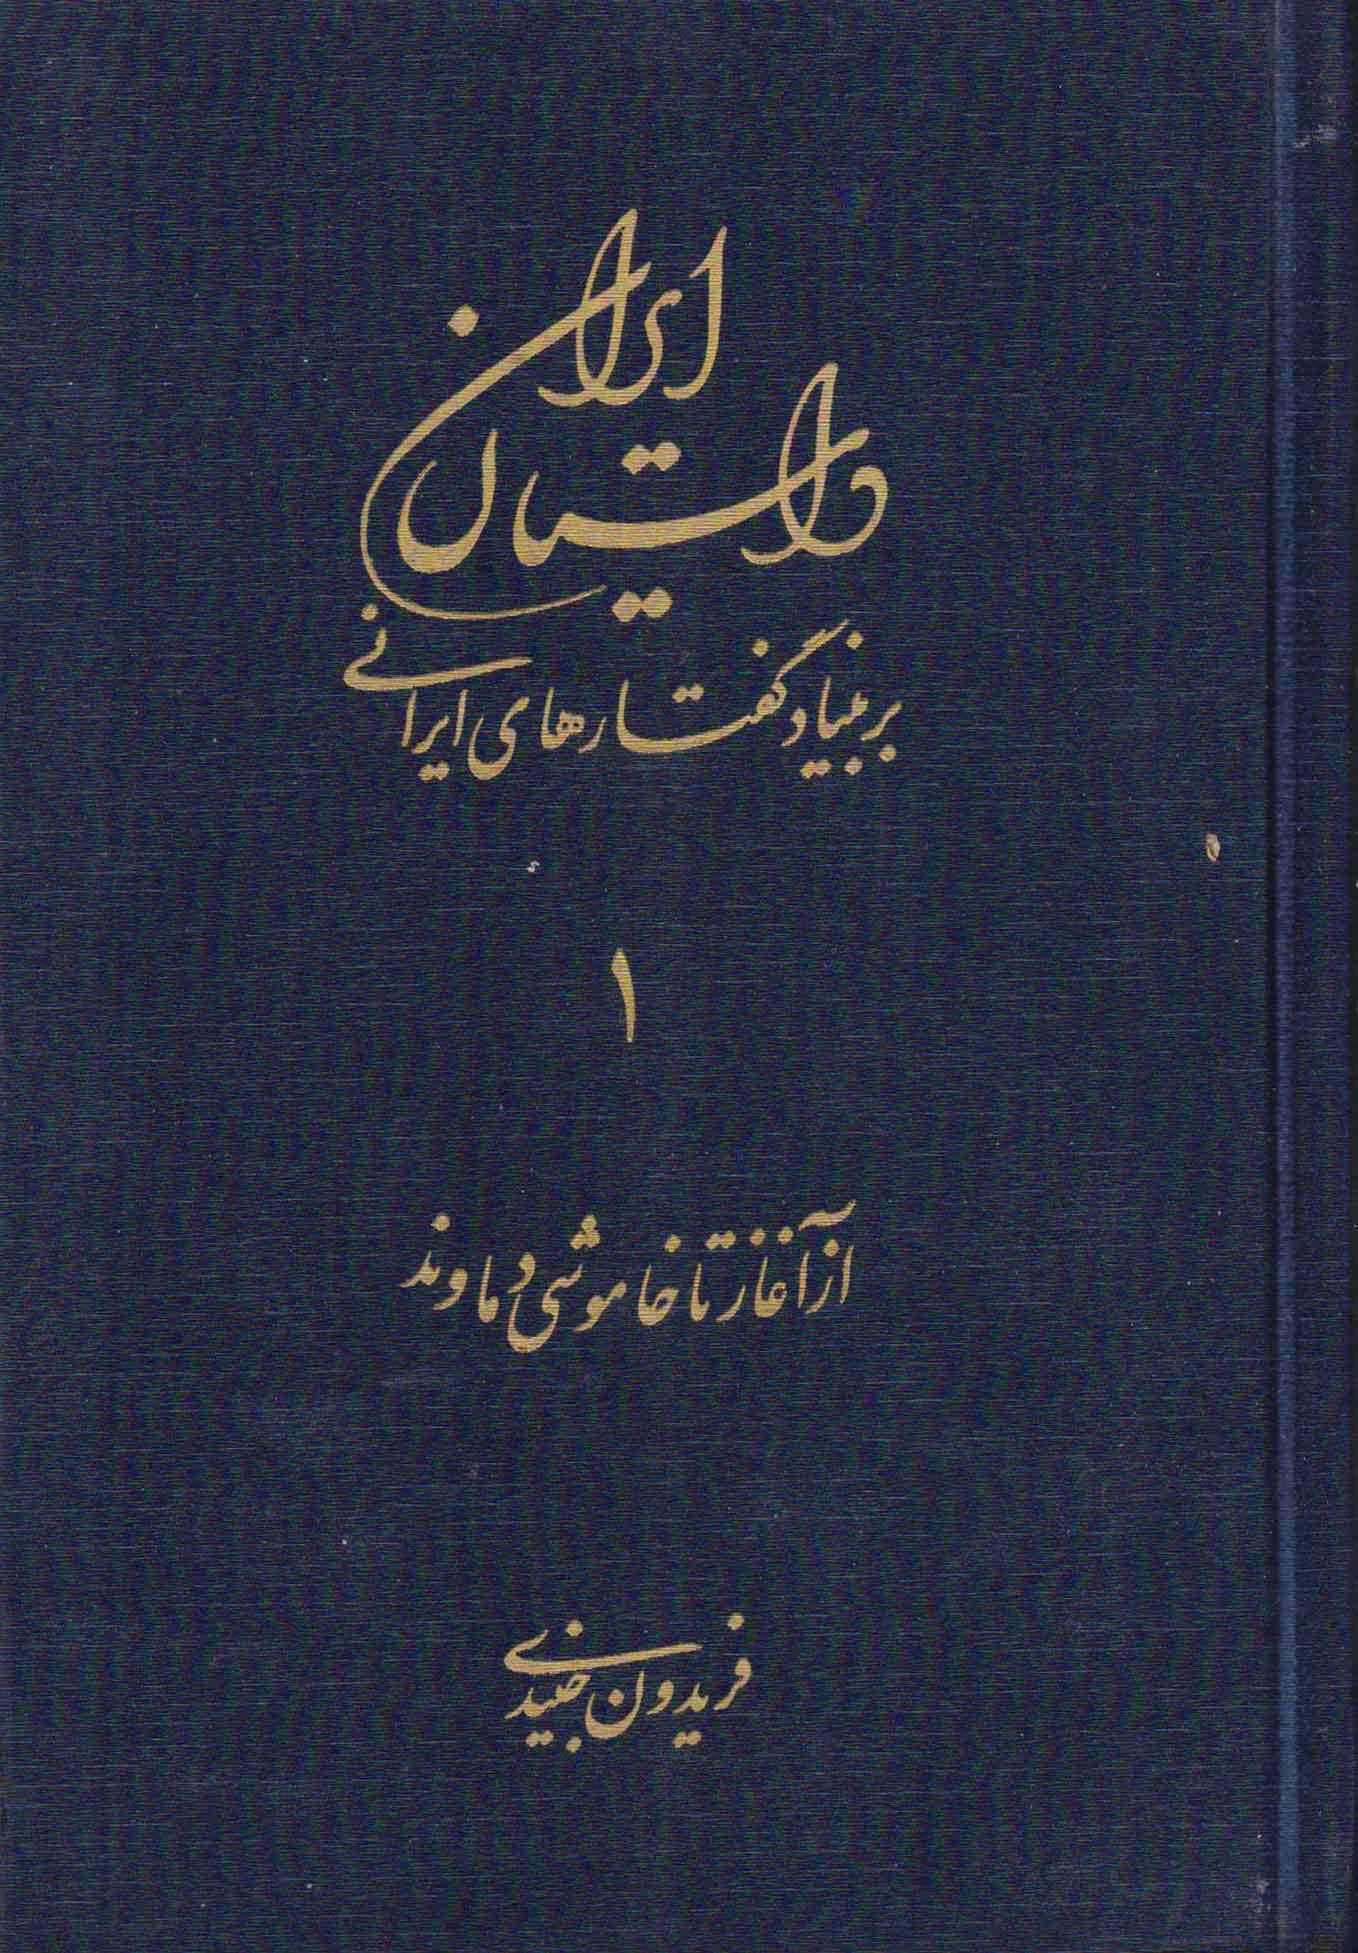 کتاب داستان ایران جلد اول - از آغاز تا خاموشی دماوند